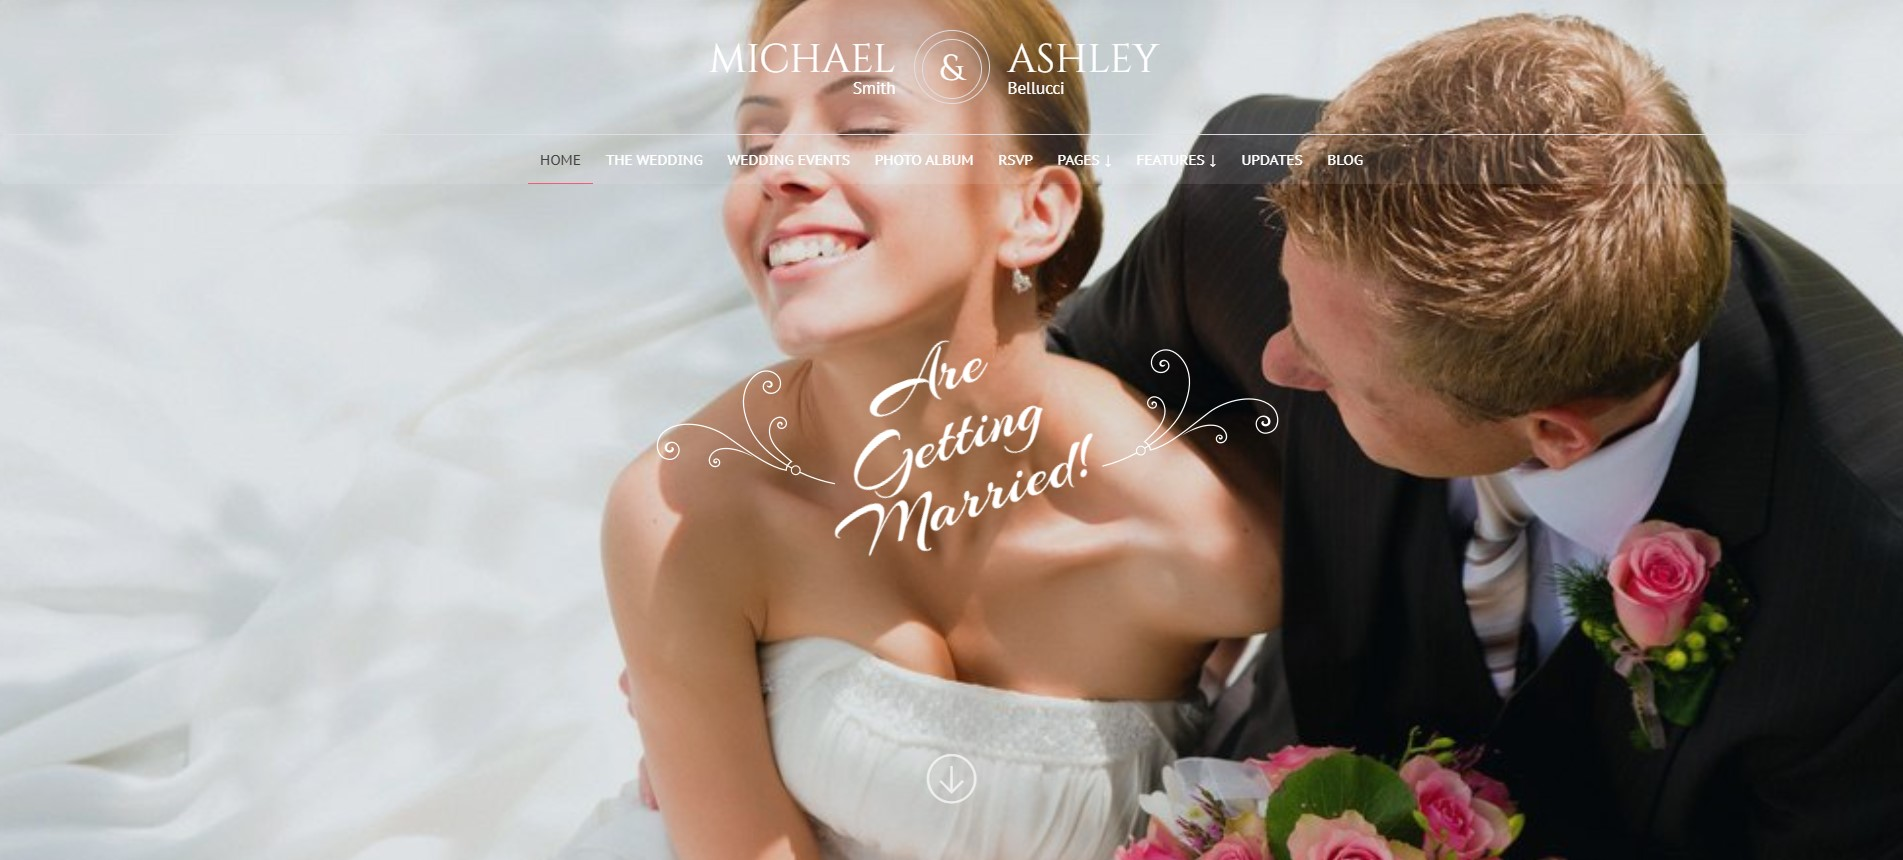 Honeymoon - Wedding Theme